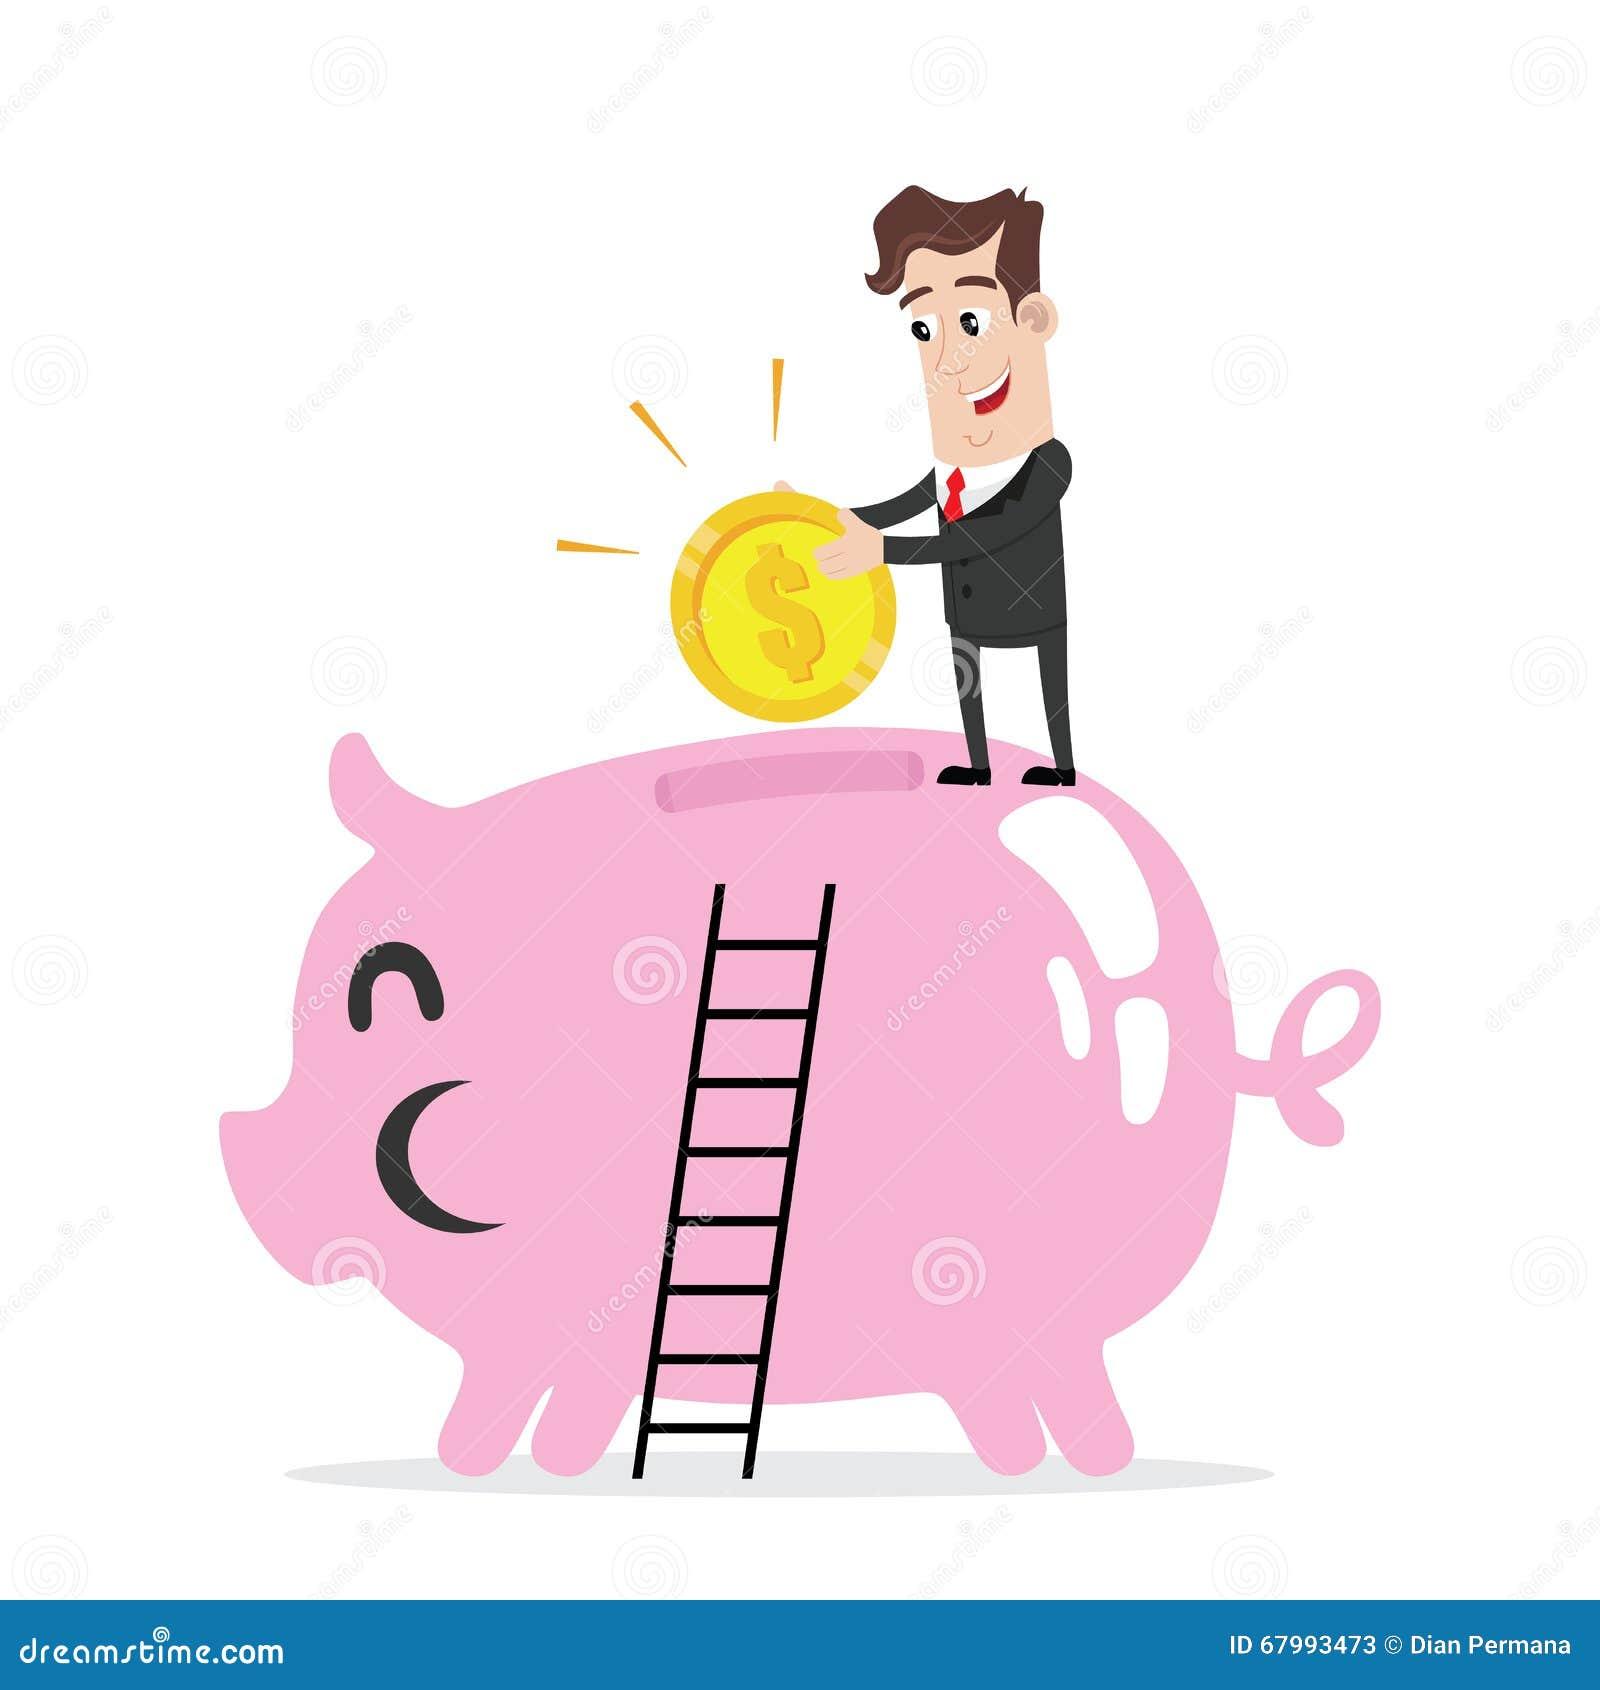 Businessman Holding A Big Piggy Bank. Cartoon Vector